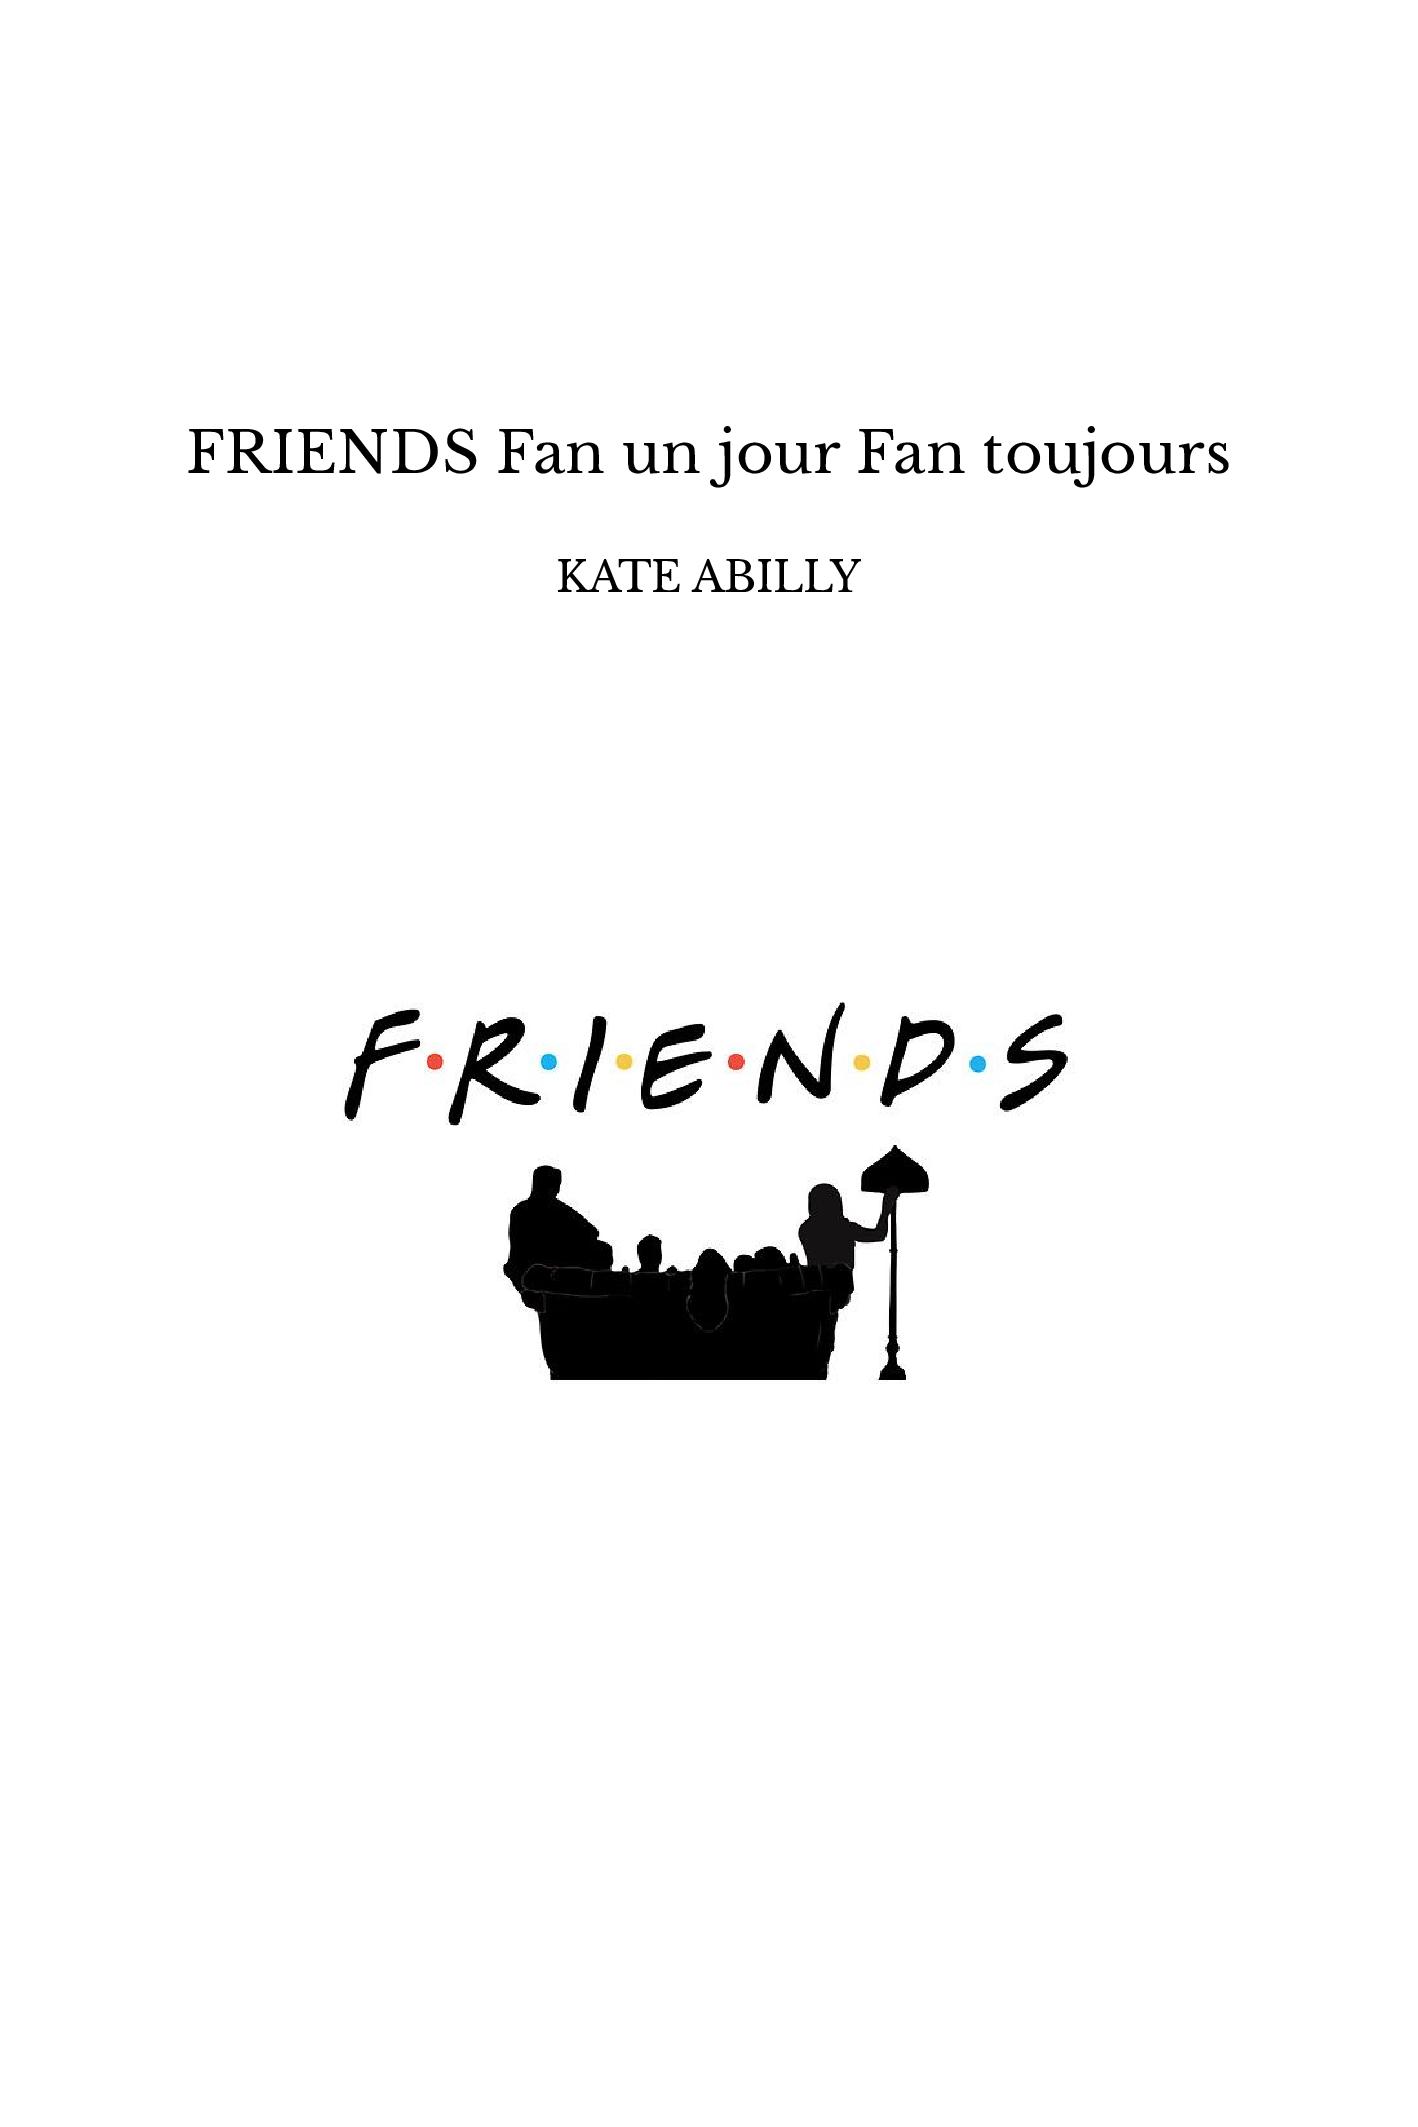 FRIENDS Fan un jour Fan toujours